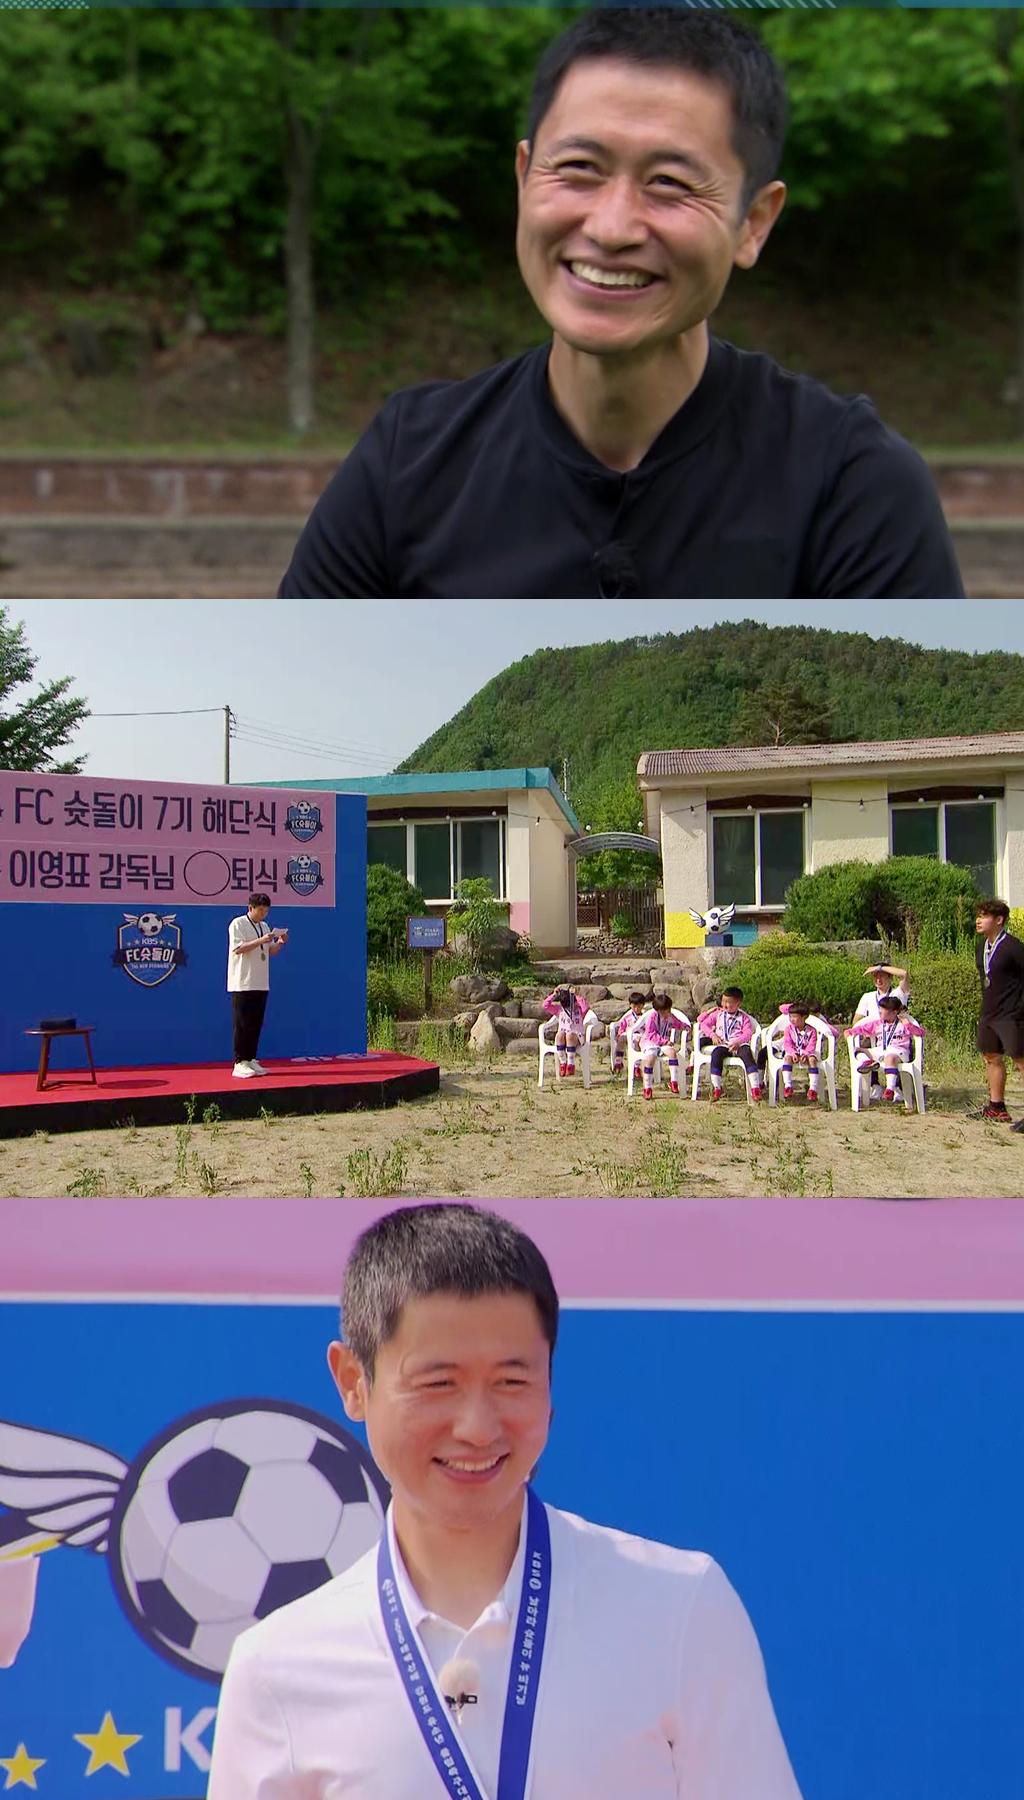 '날아라 슛돌이' 이영표 감독, 은퇴냐 사퇴냐 '우승 공약 결과는?'